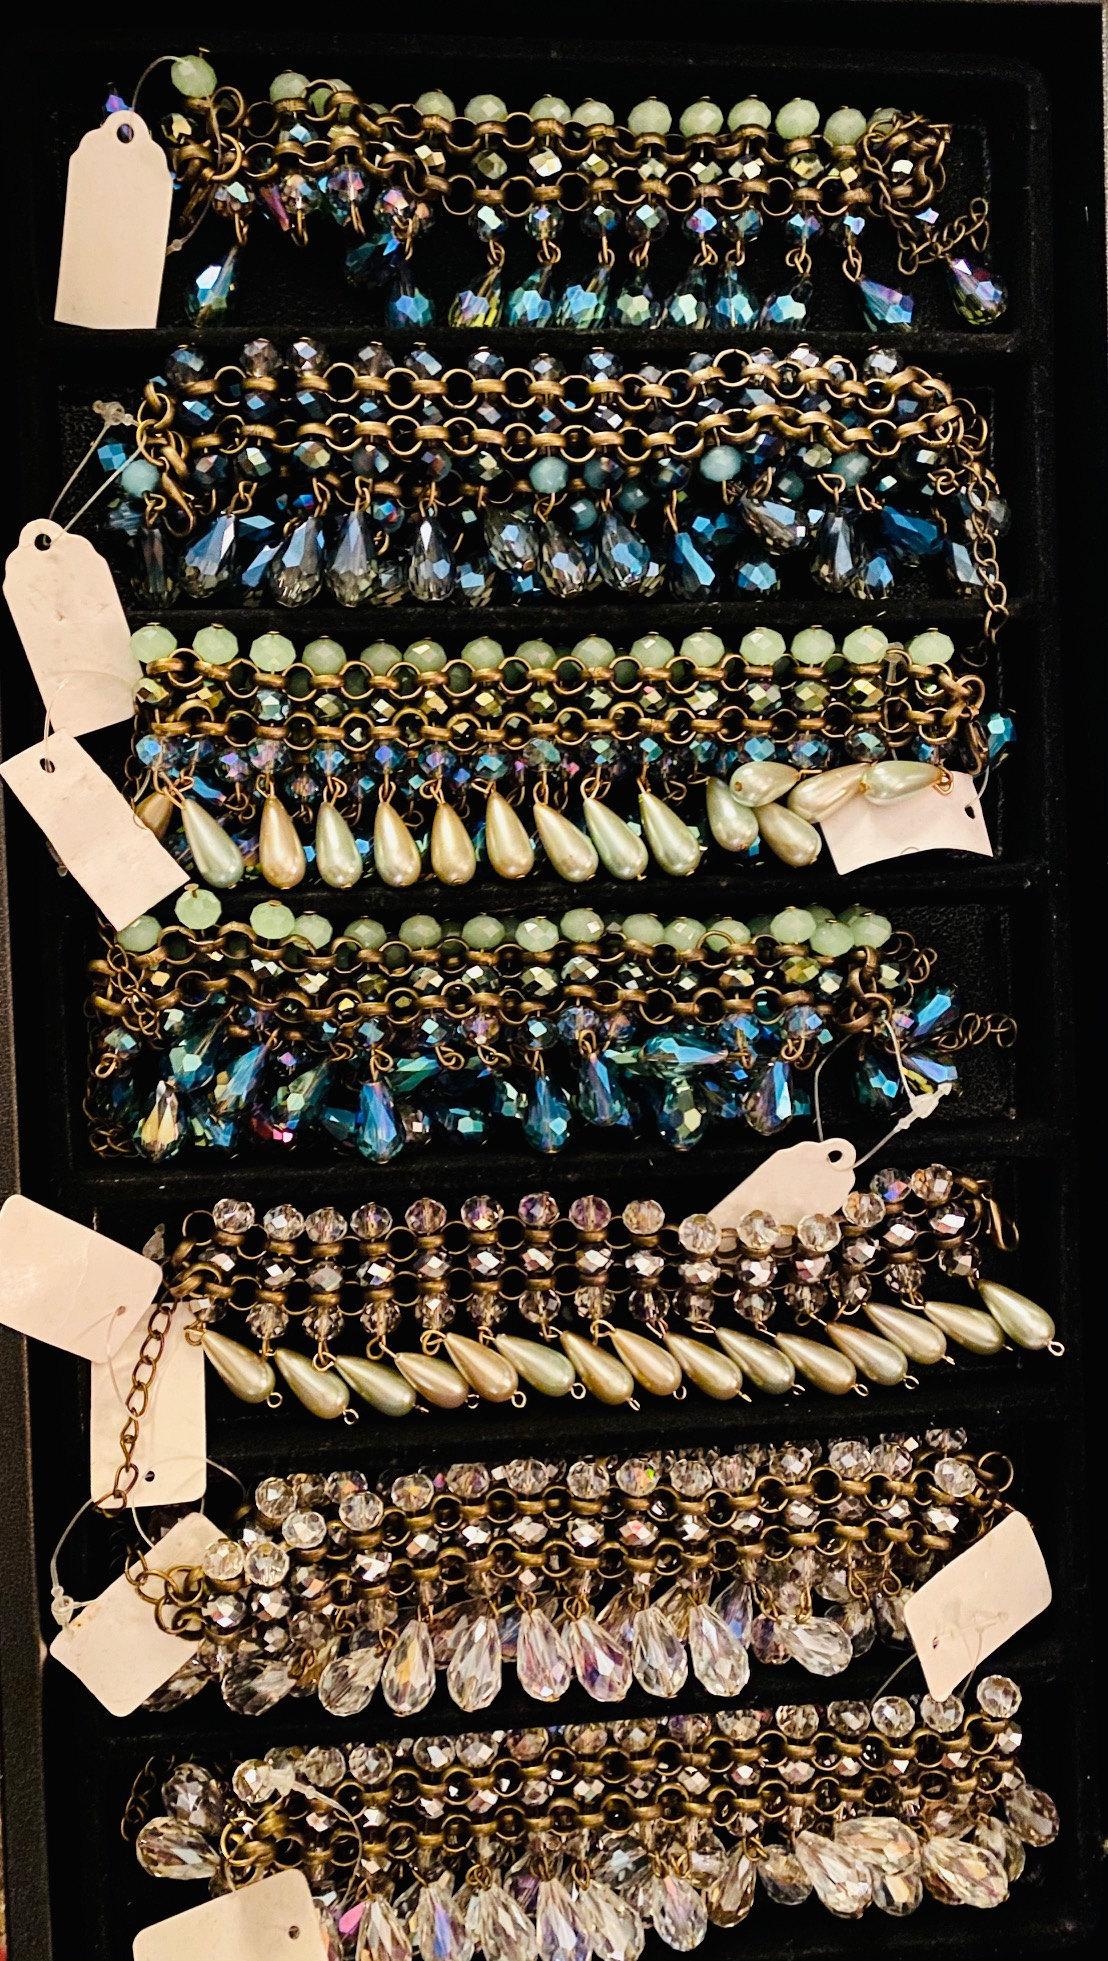 Mermaid Dangle Bracelets with Vintage Pearls